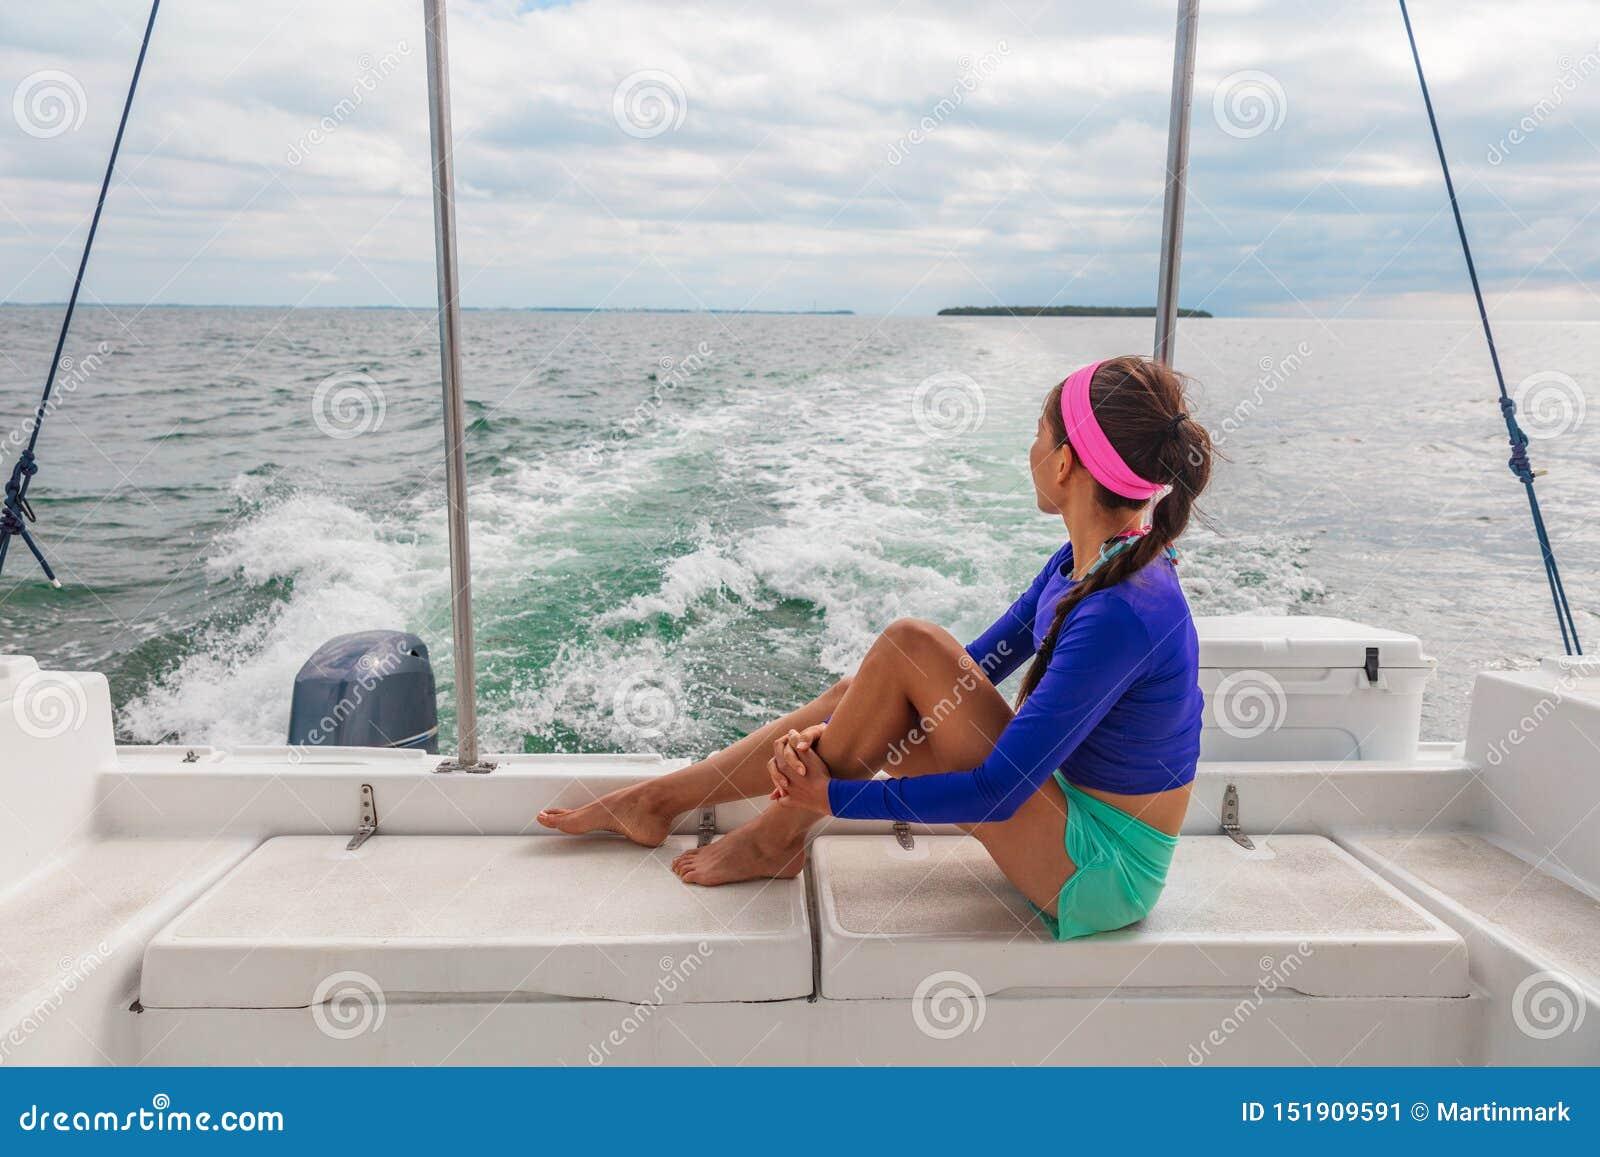 Turista de la mujer del viaje de la excursión del barco del viaje que se relaja en la cubierta del verano del catamarán de la mot